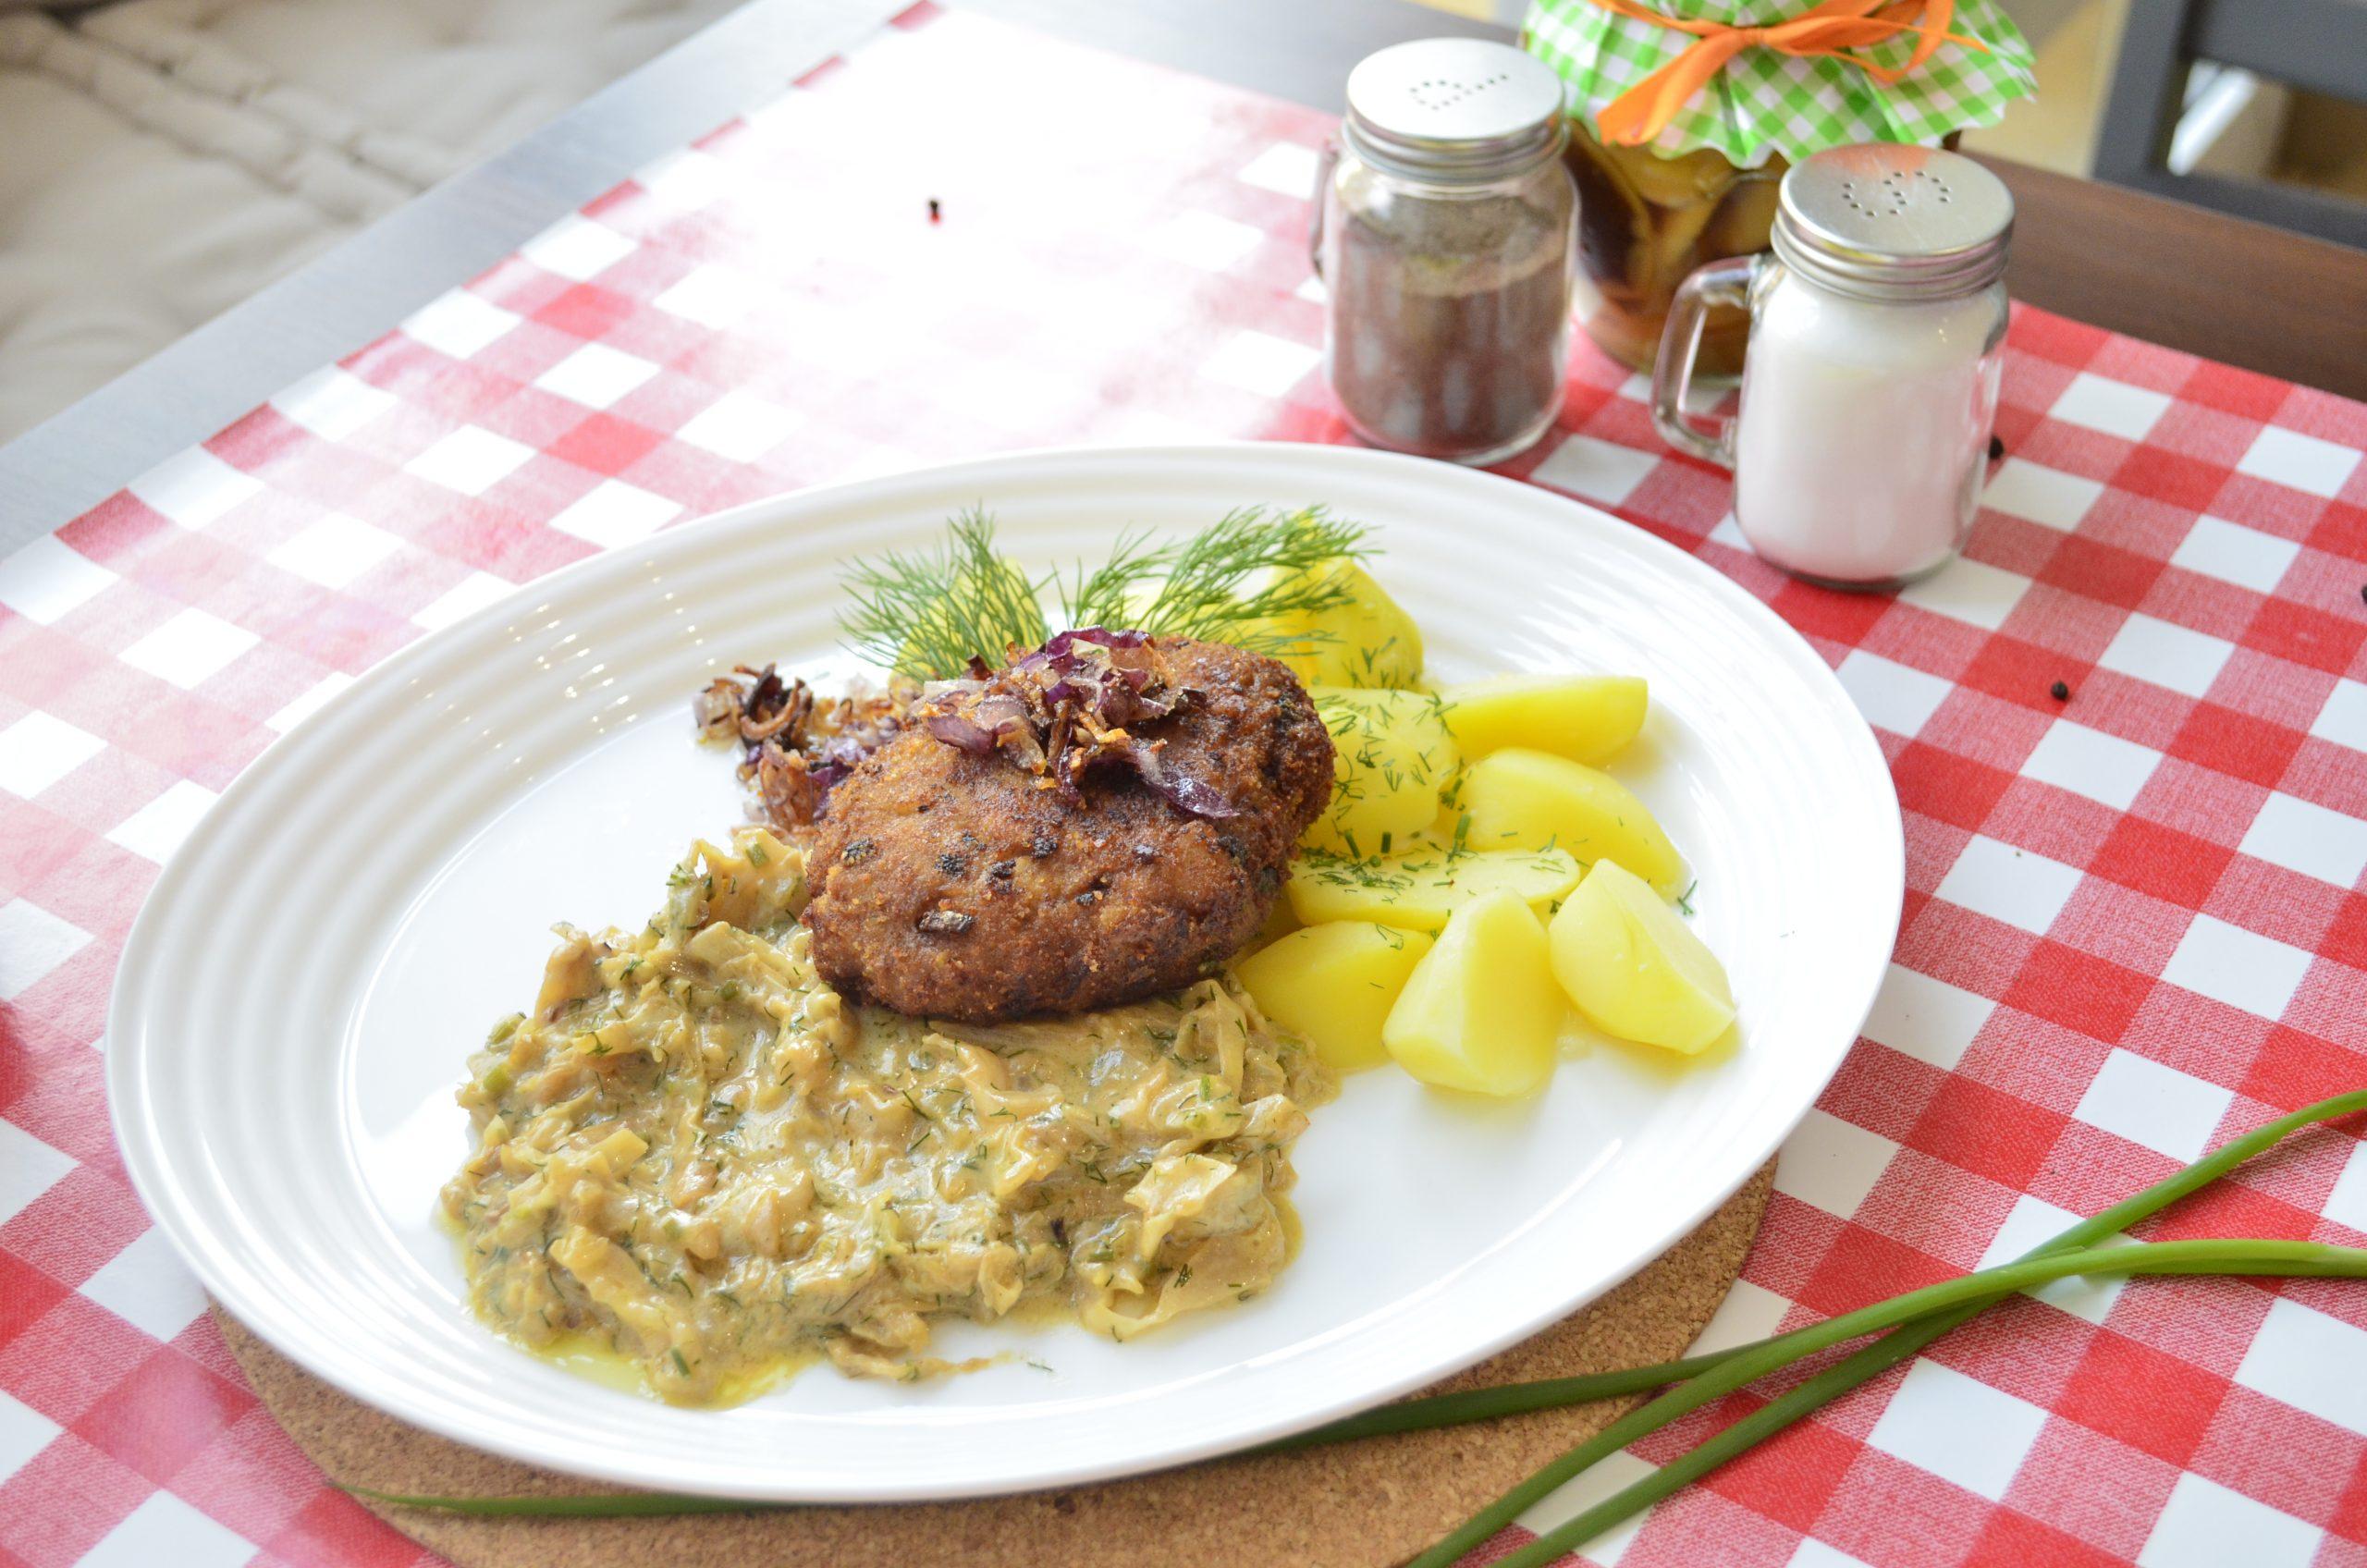 Mielone z ziemniakami z sałatką - tanie i domowe obiady w Rzeszowie